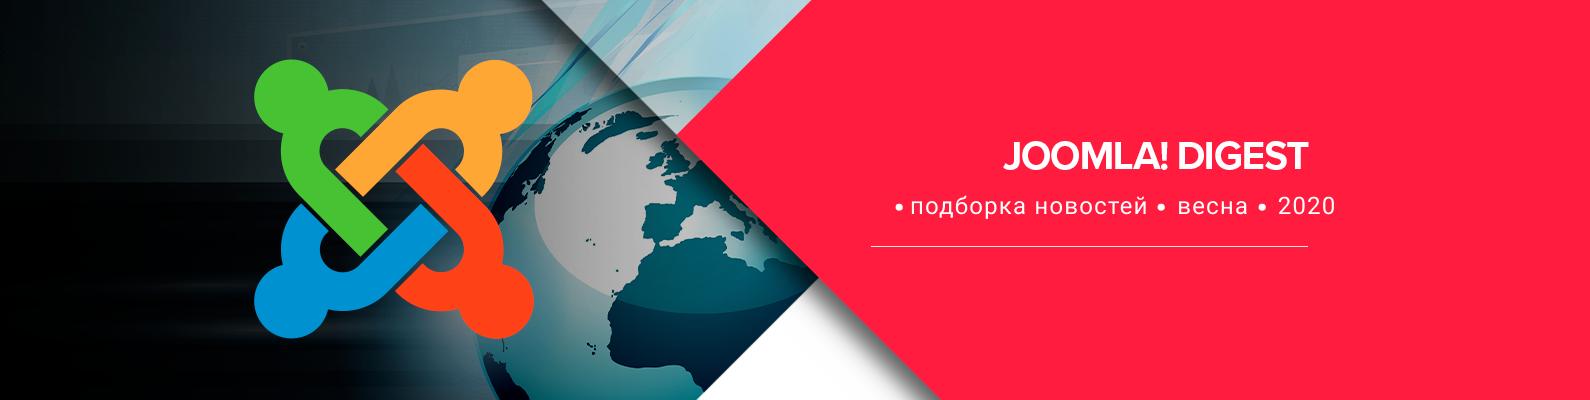 Дайджест Joomla за весну 2020